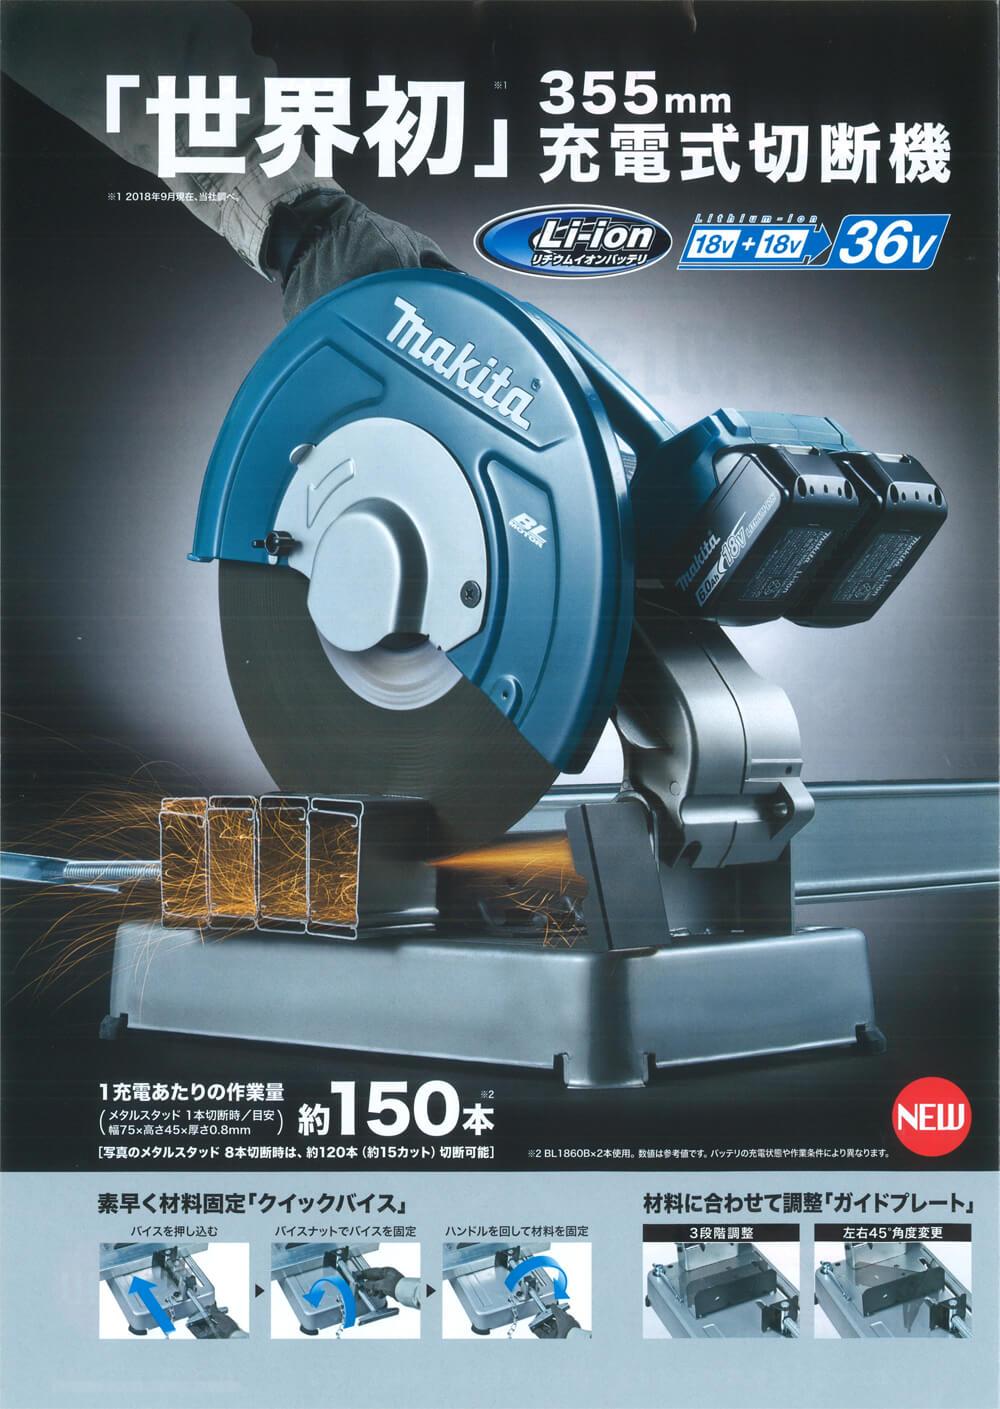 マキタ 36V 355mm 充電式切断機 本体のみ(バッテリー、充電器別売) LW141DZ2